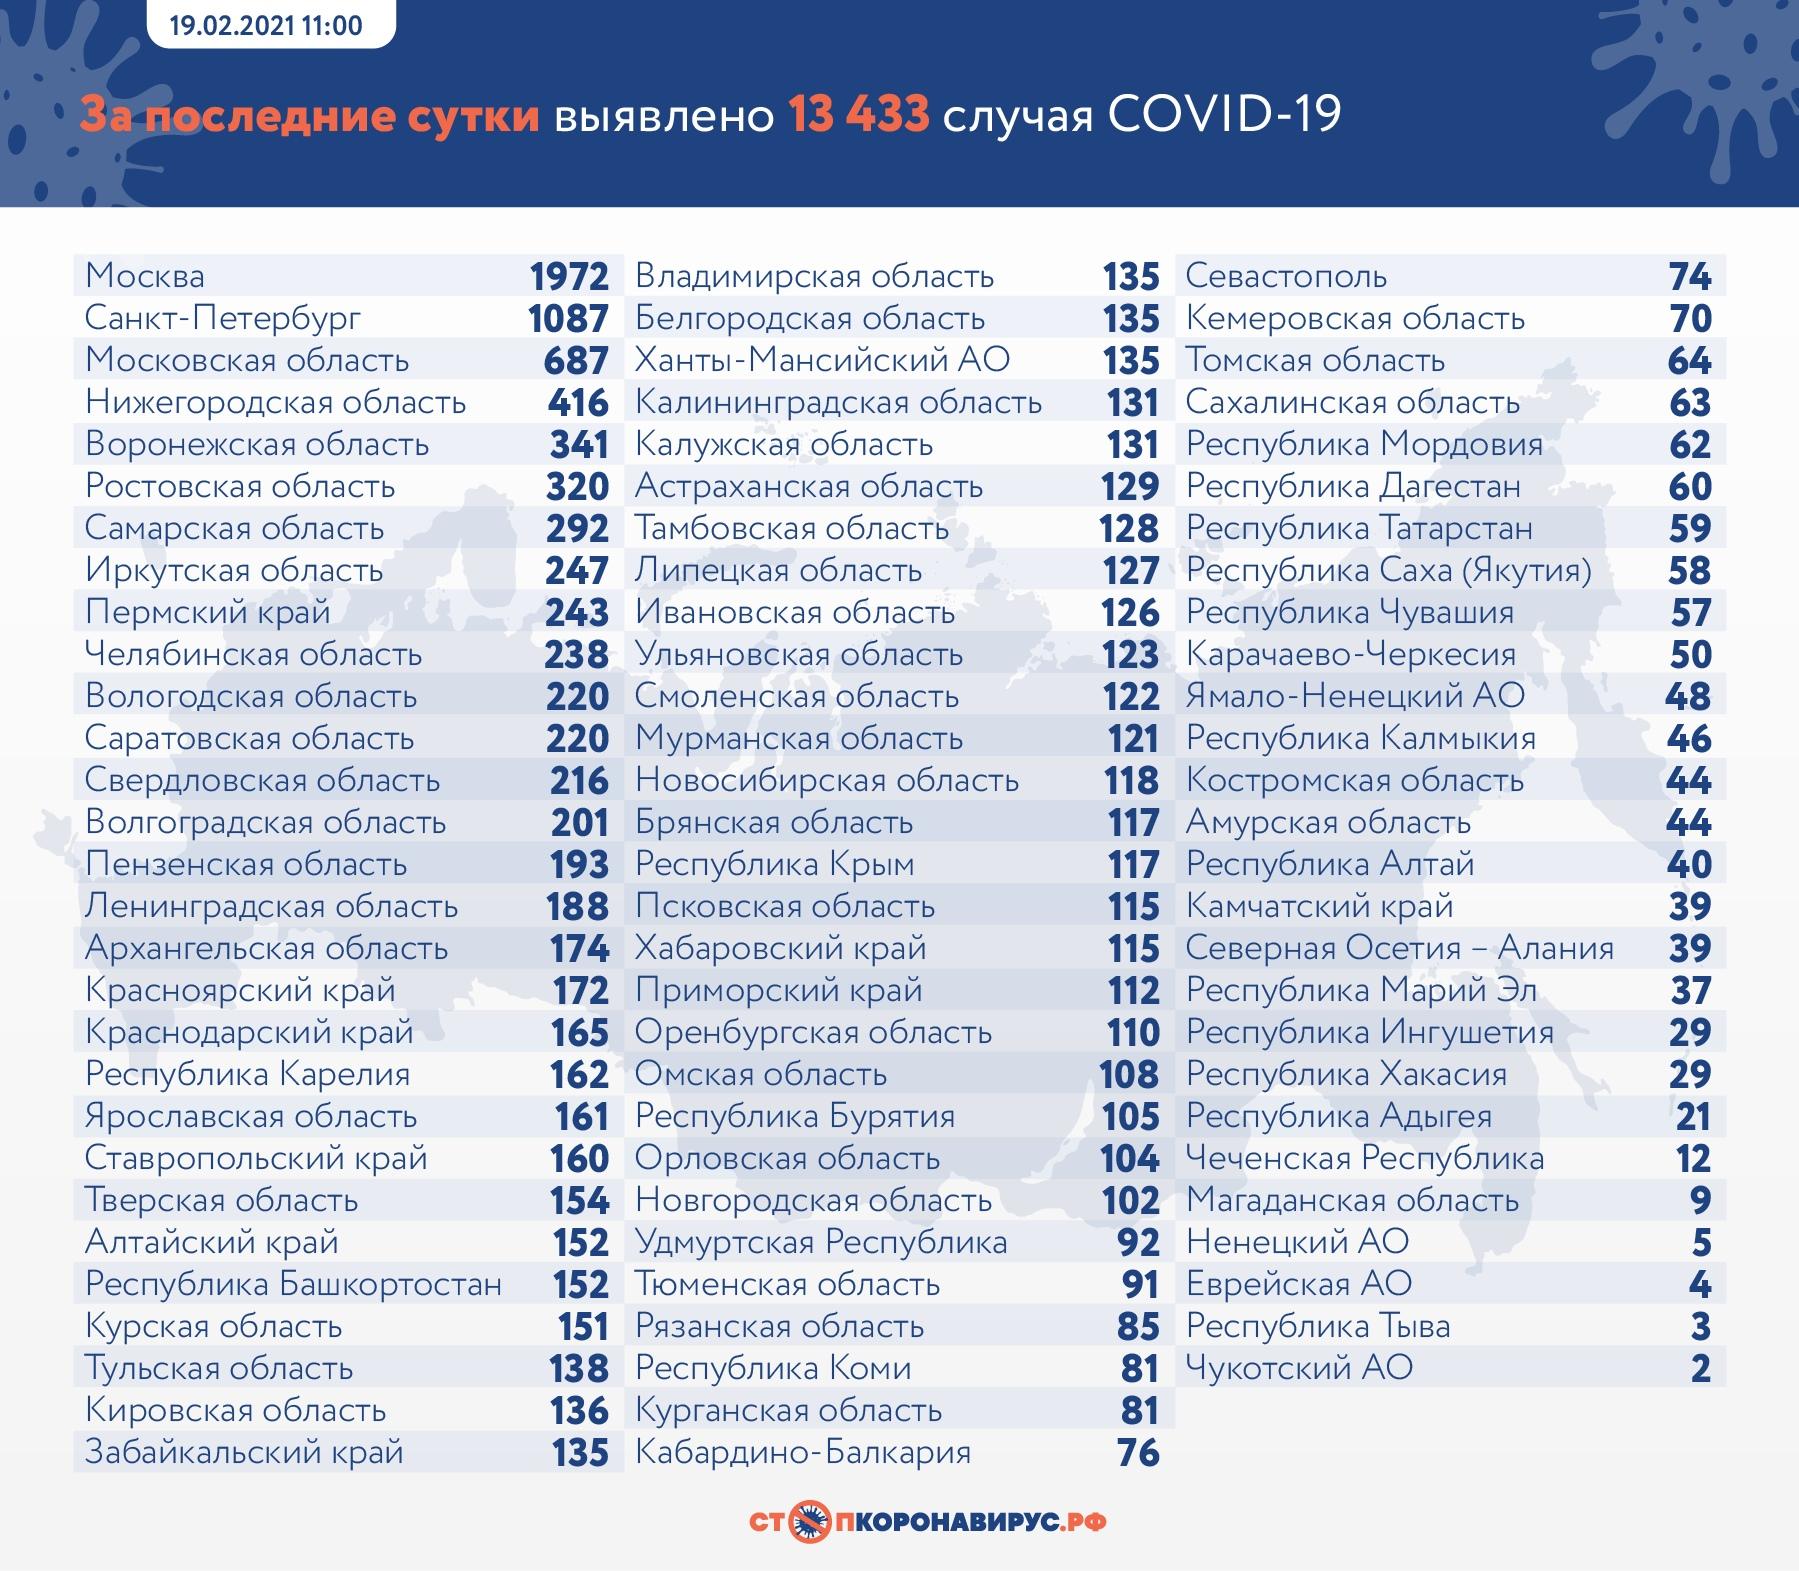 В Тольятти выявлено наименьшее число заболевших коронавирусом с 11 января